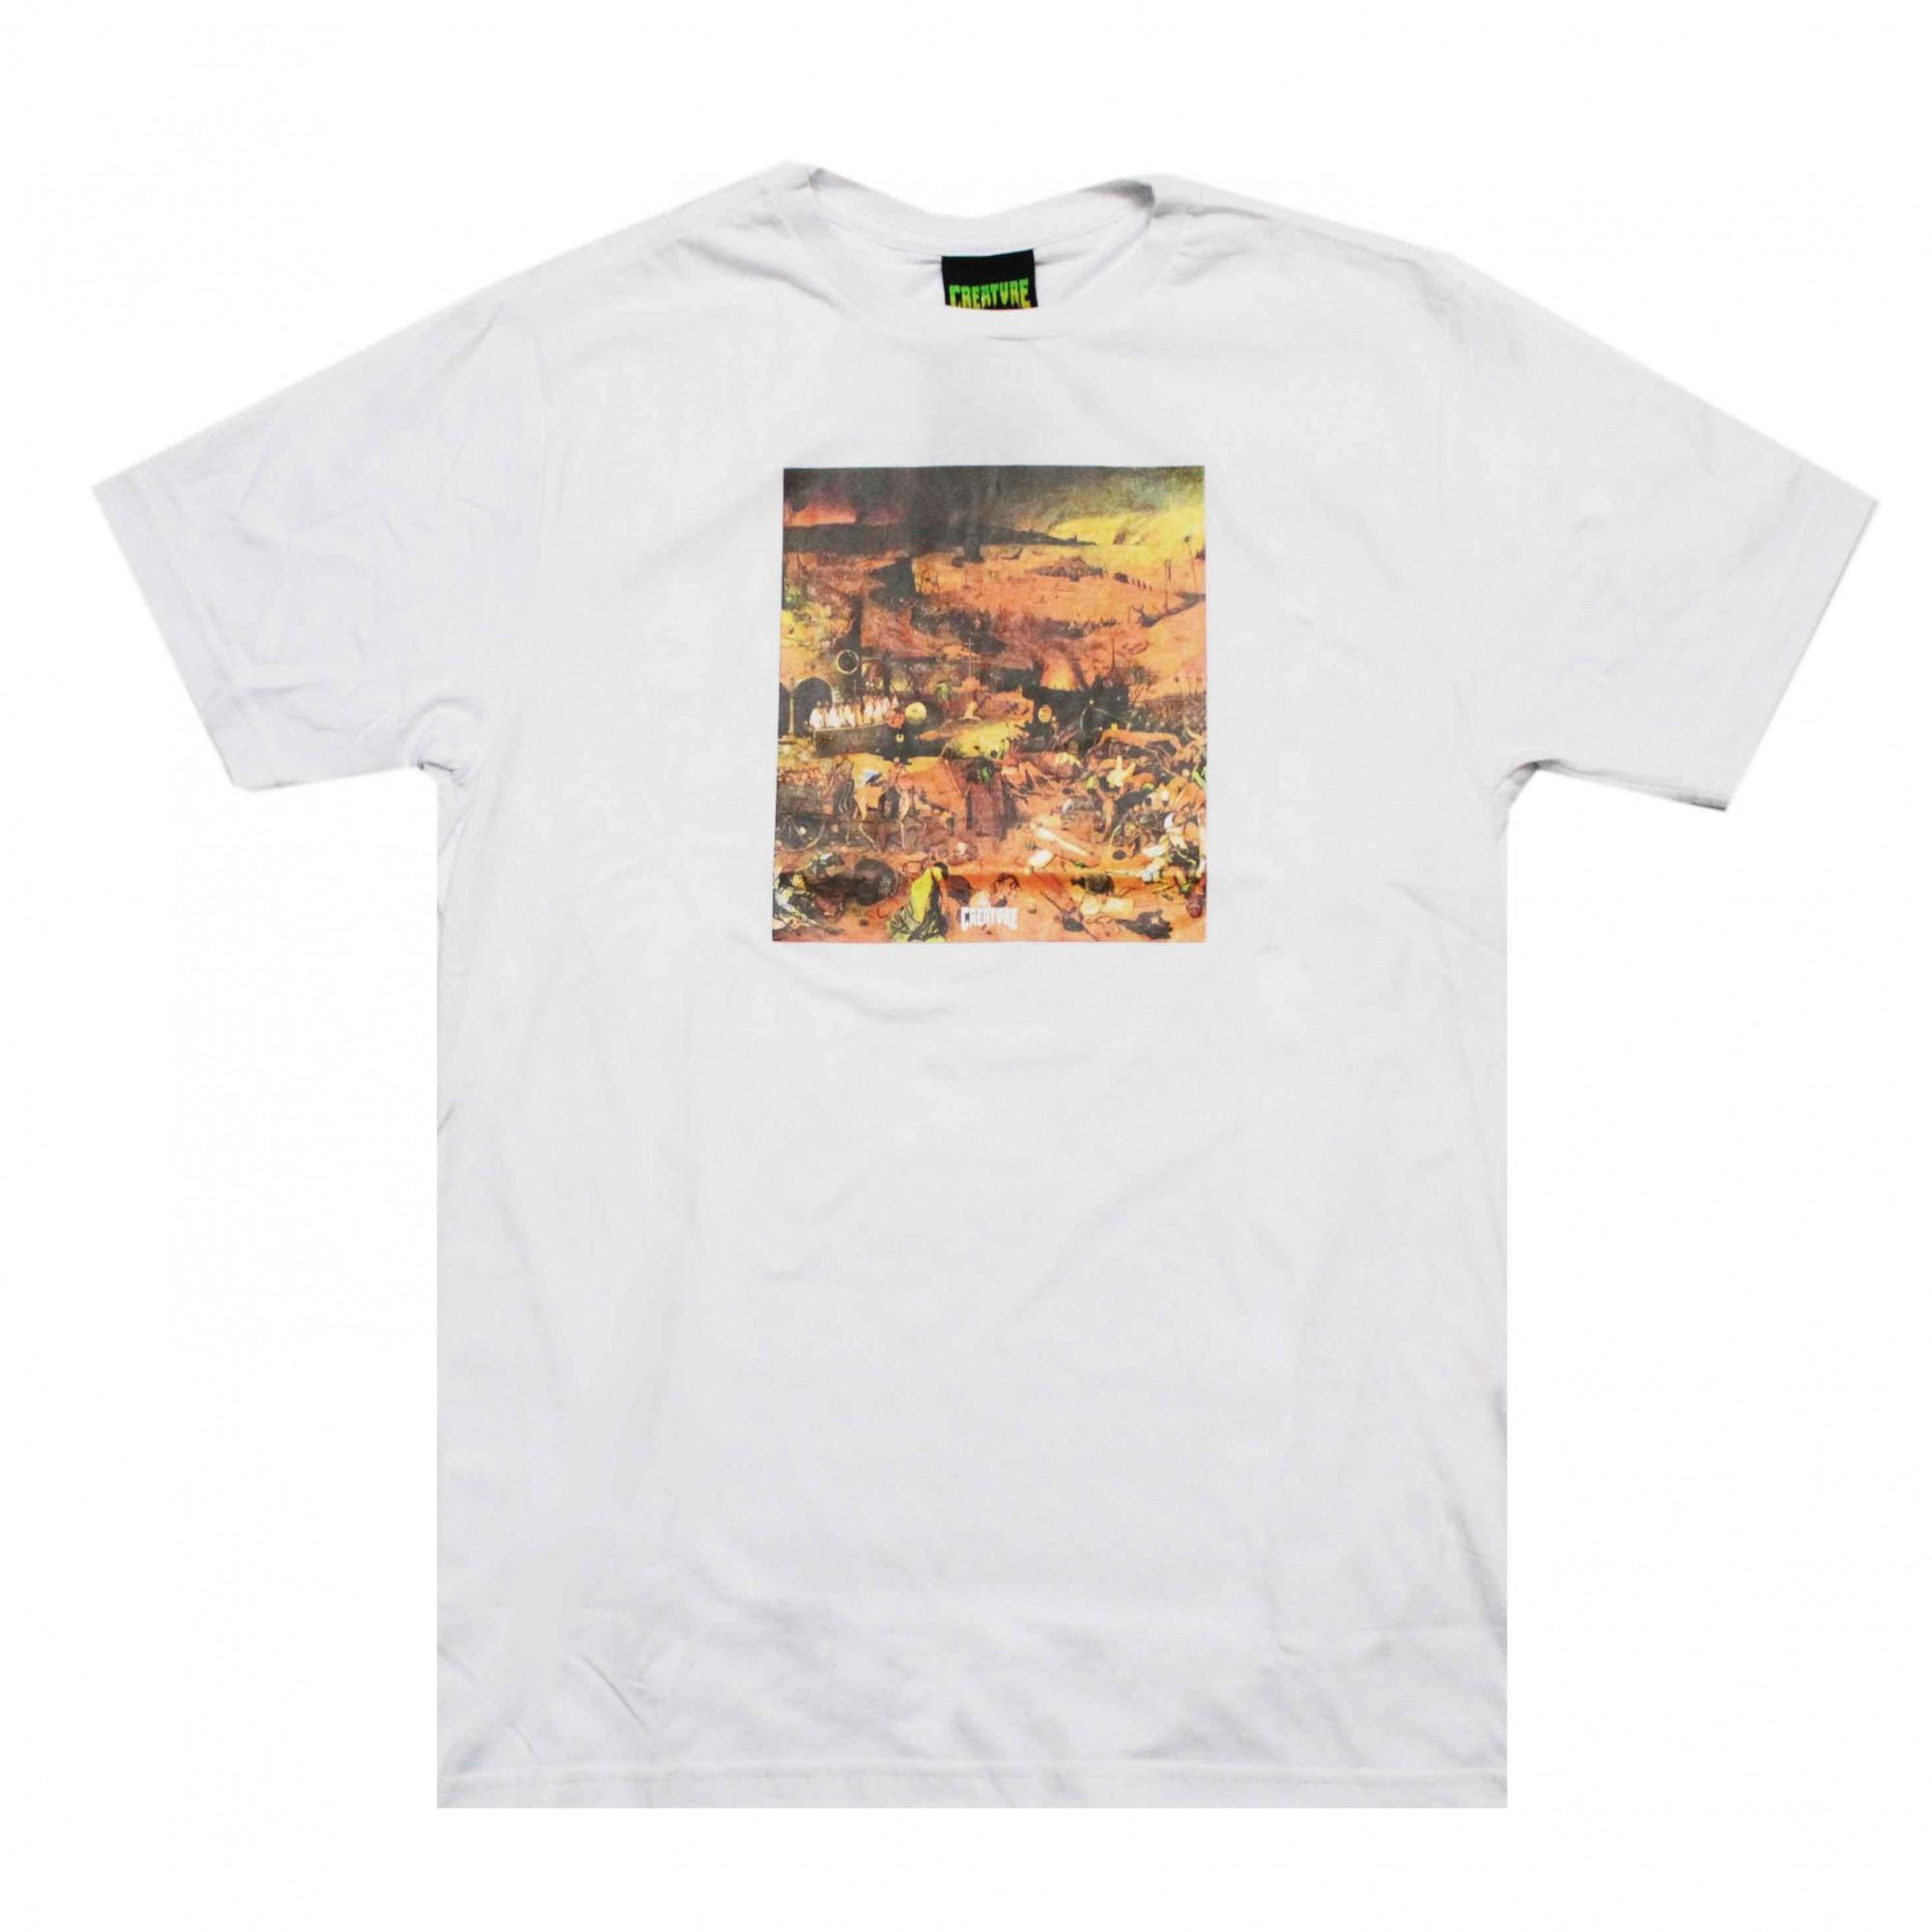 Camiseta Creature Death Rides Branco